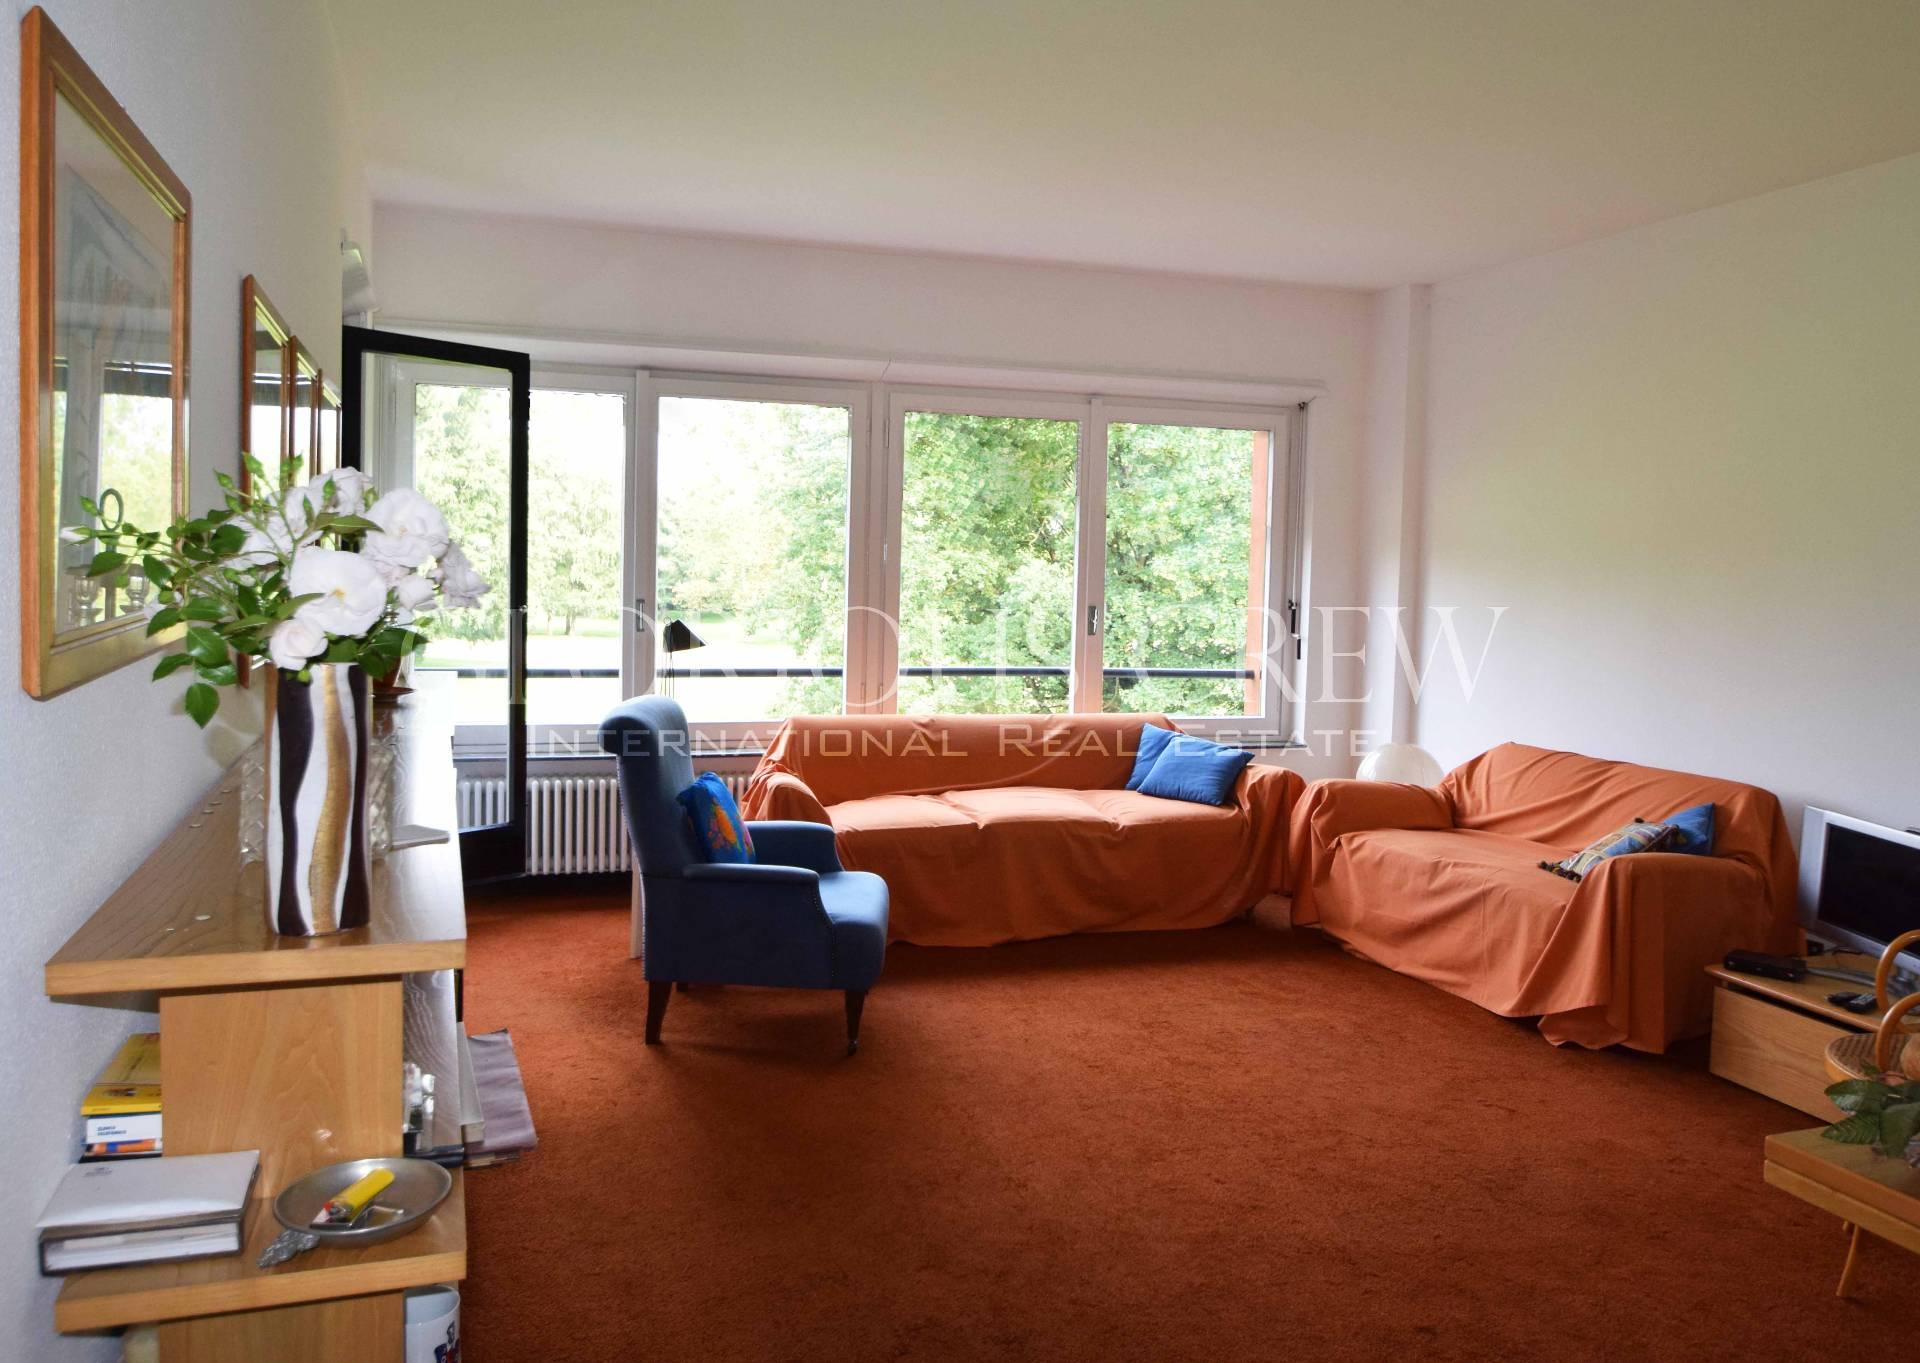 Appartamento in Vendita a Cassina Rizzardi: 4 locali, 130 mq